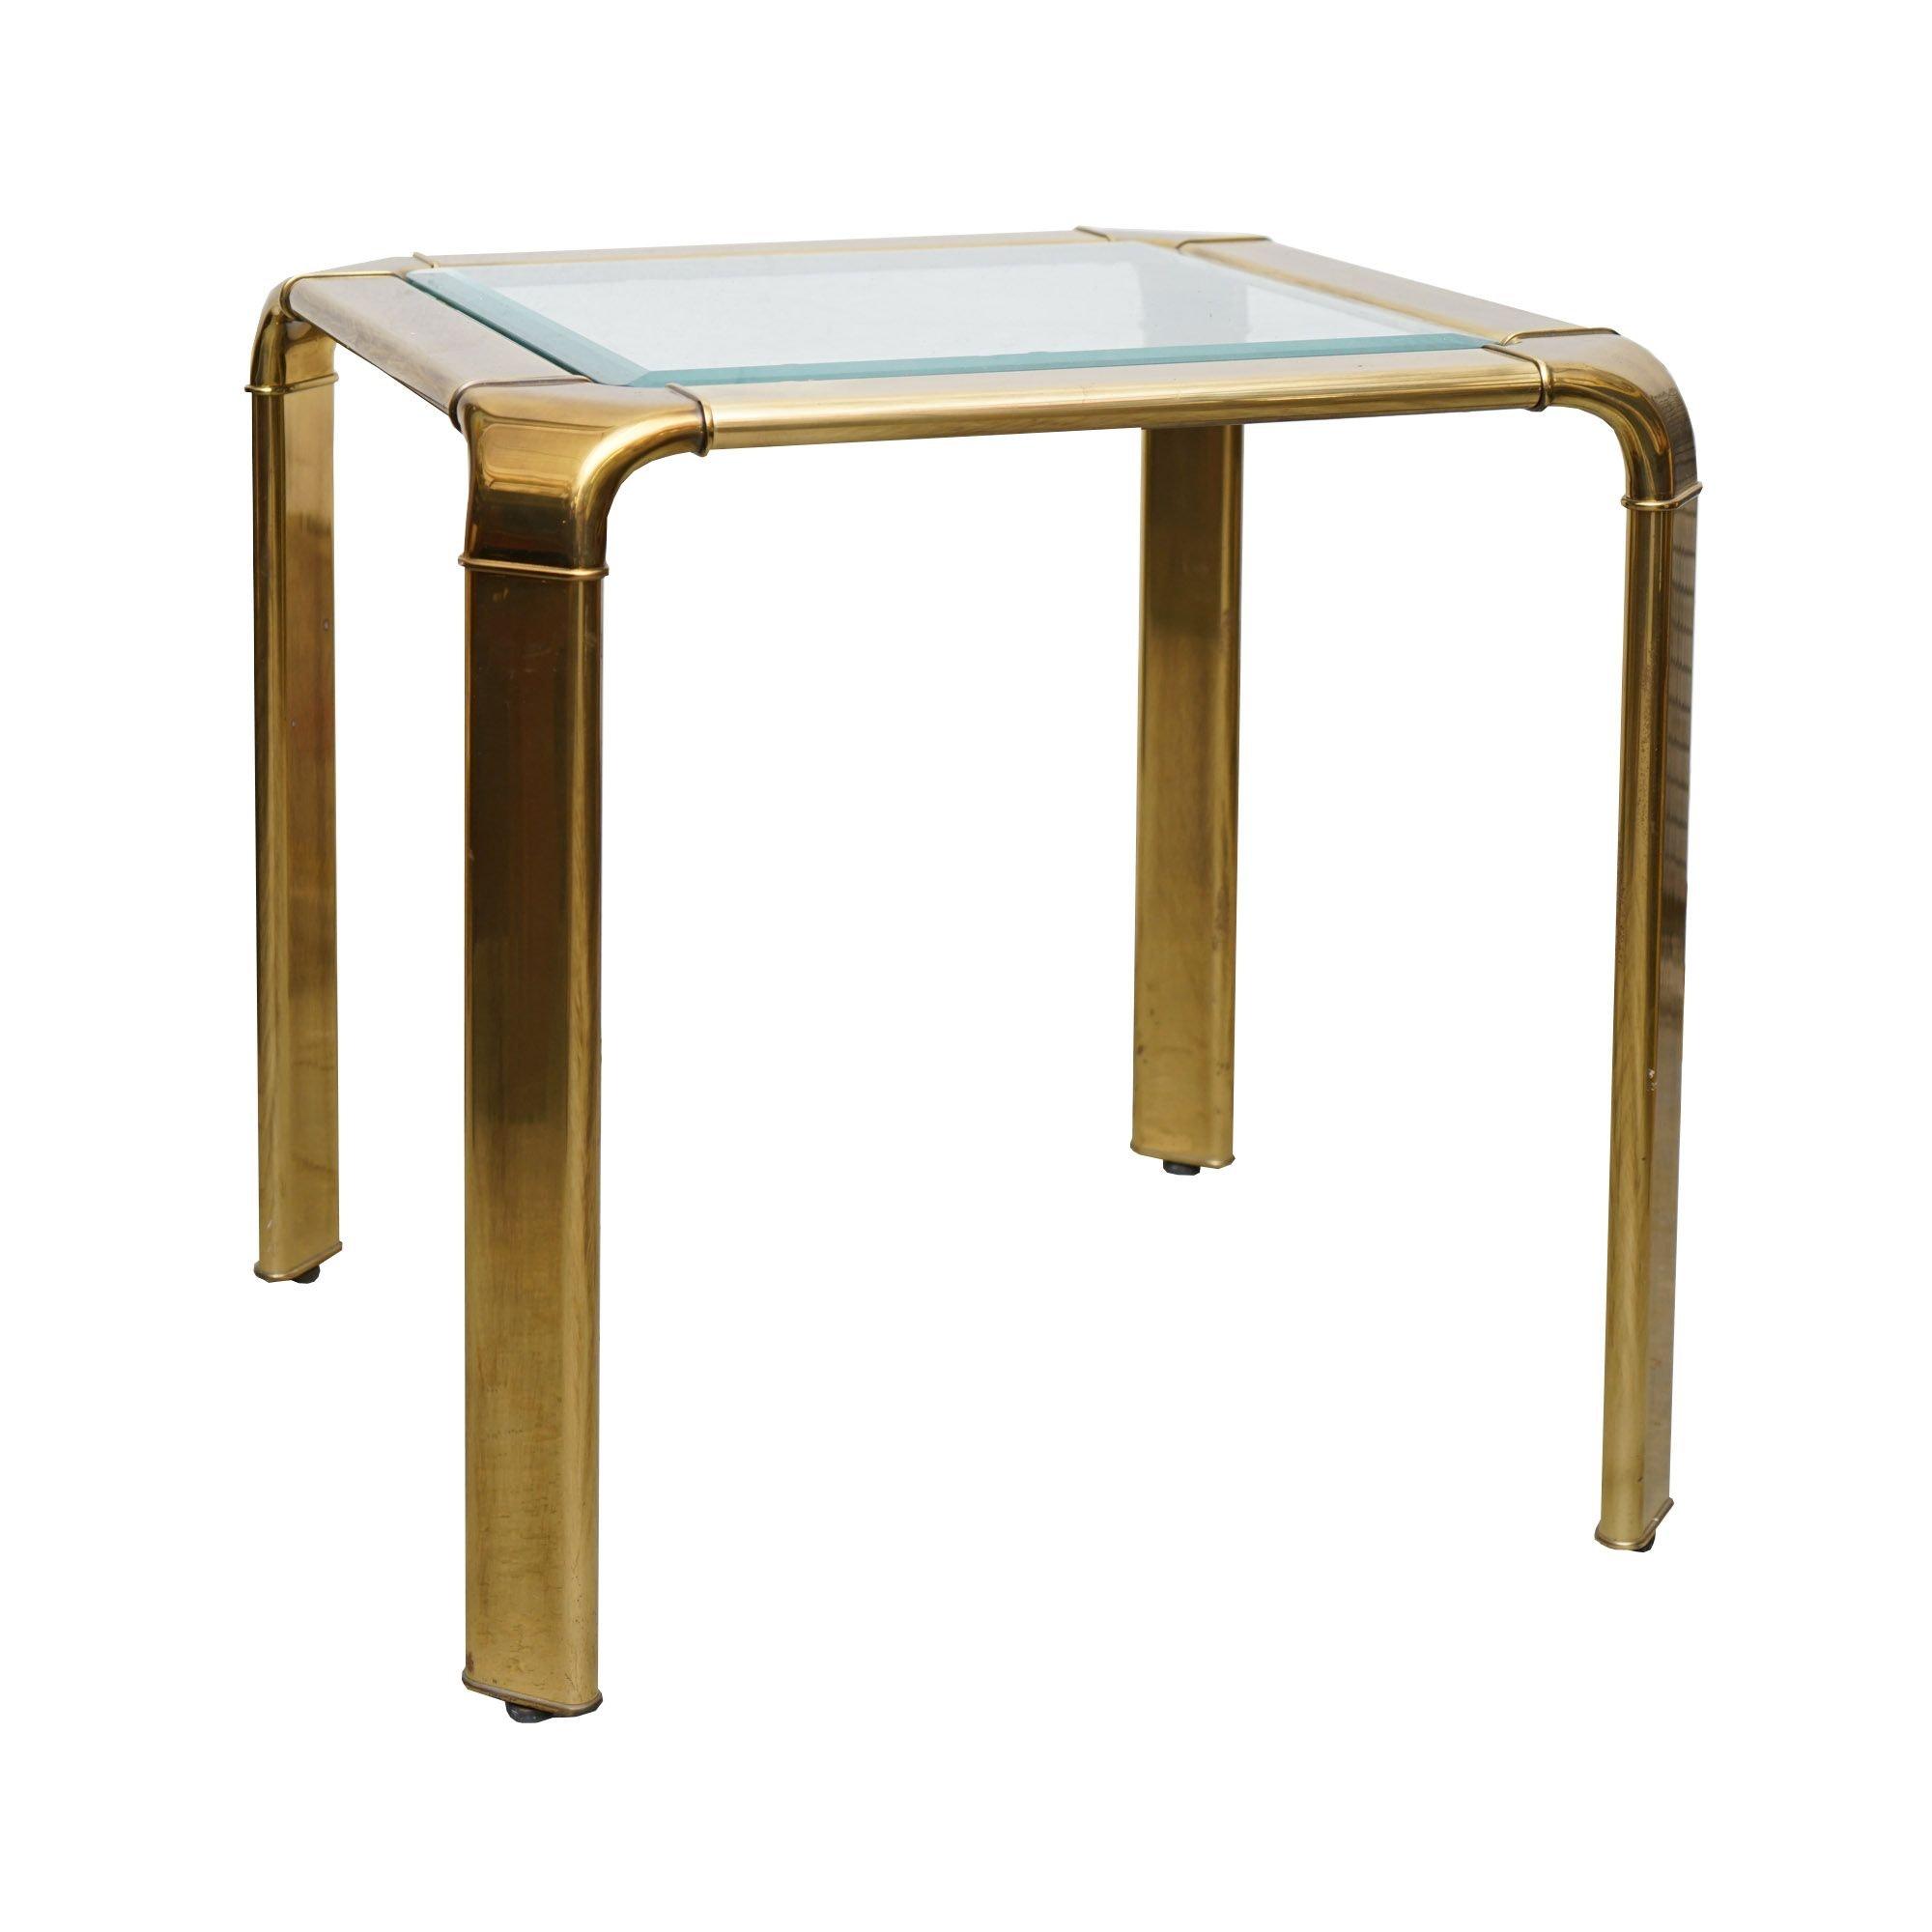 Brass Side Table by John Widdicomb